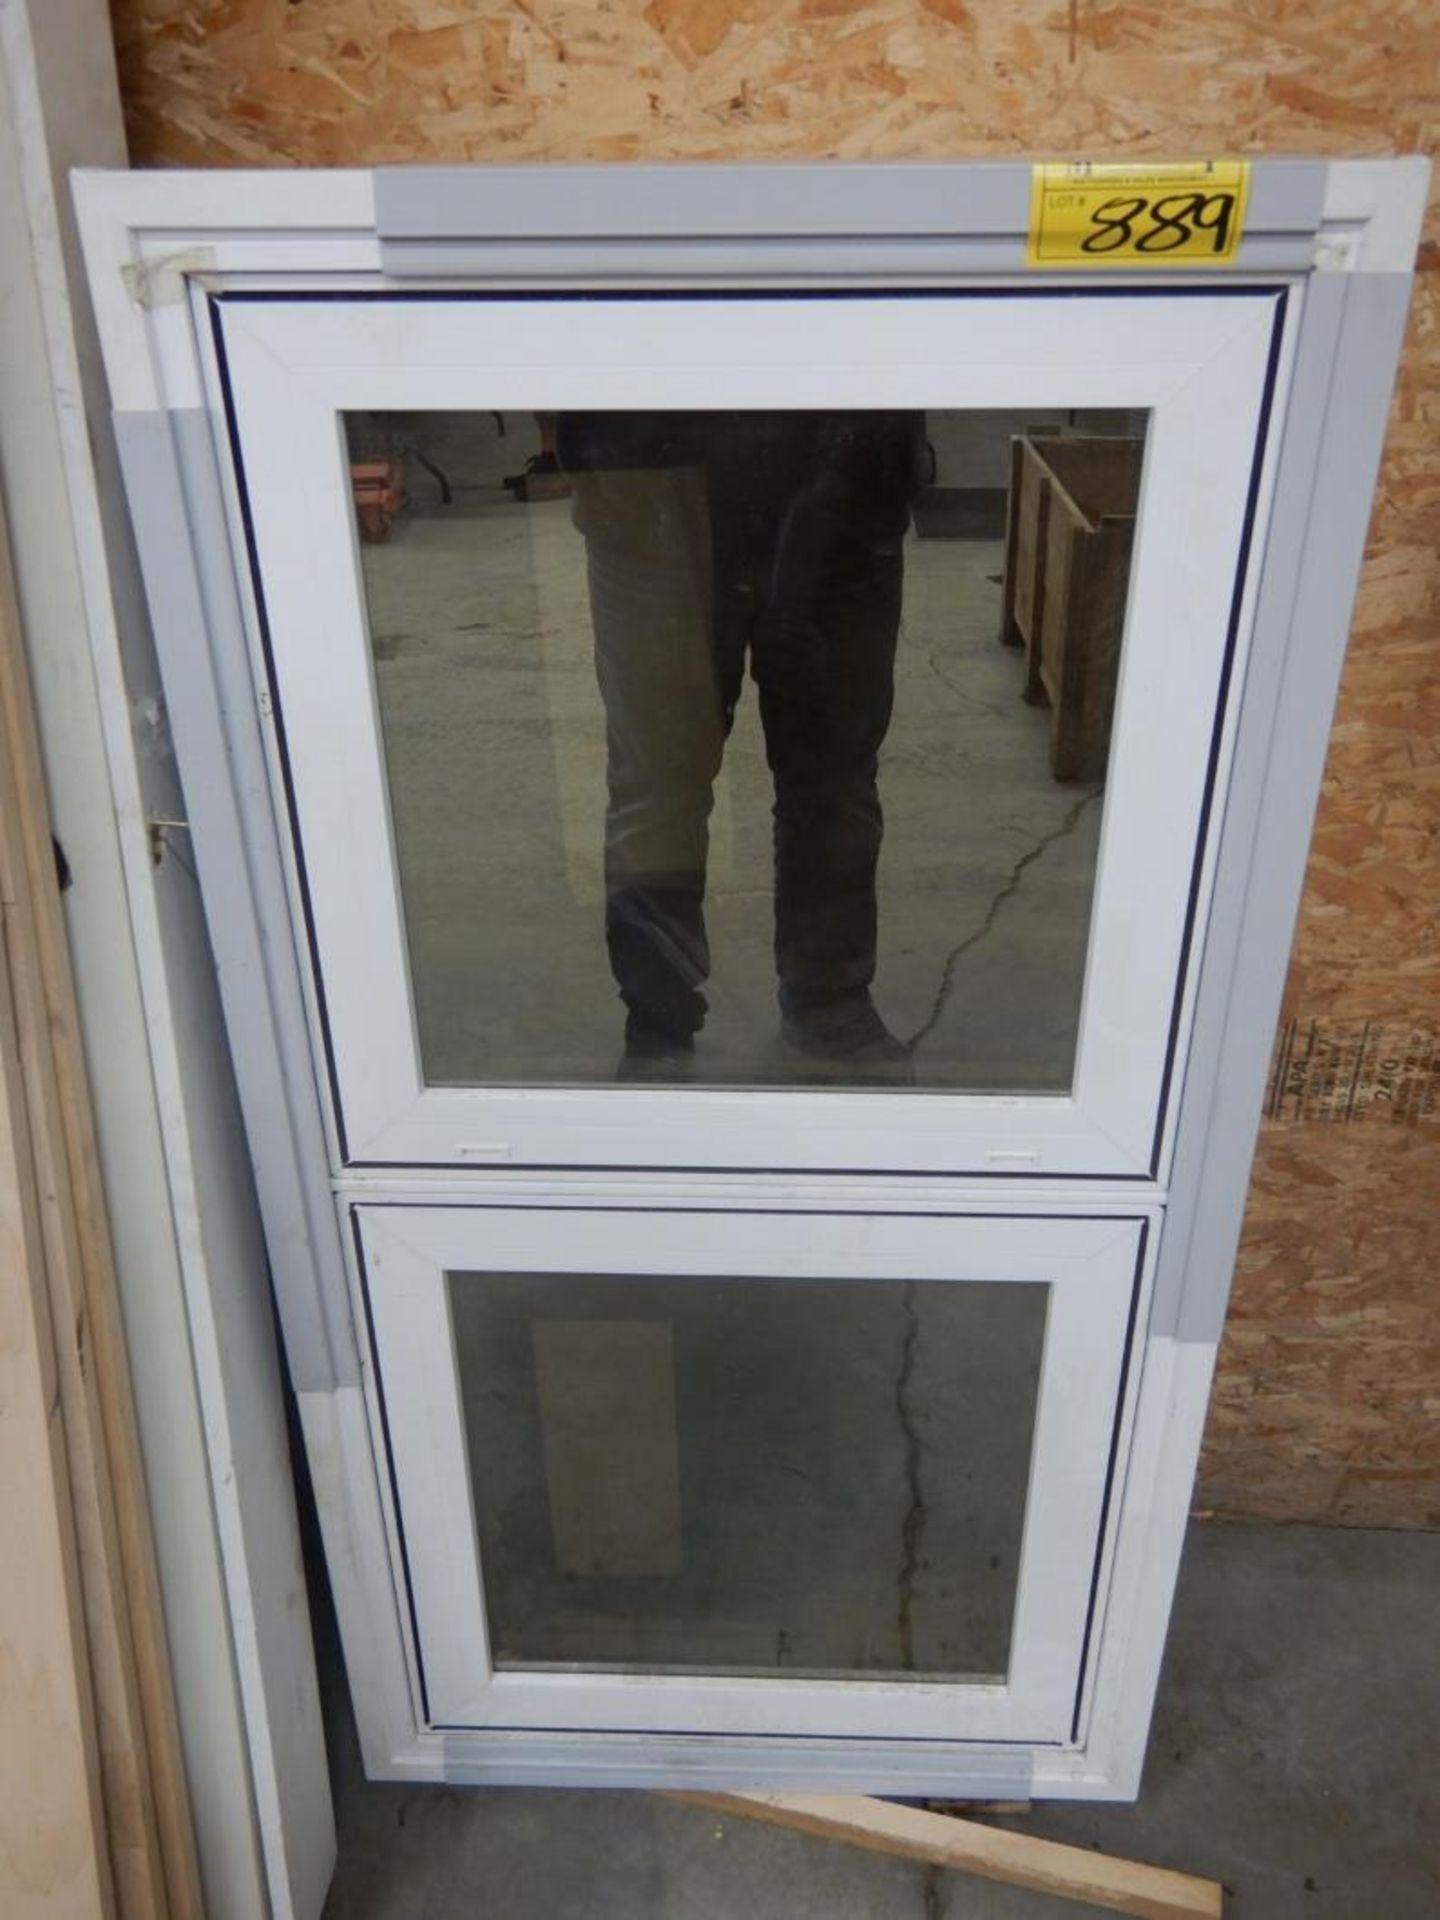 """FIBREGLASS EXTERIOR DOOR W/FRAME, WOOD DOOR JAMB, VINYL WINDOW 25""""X49"""" ROUGH OPENING - Image 2 of 2"""